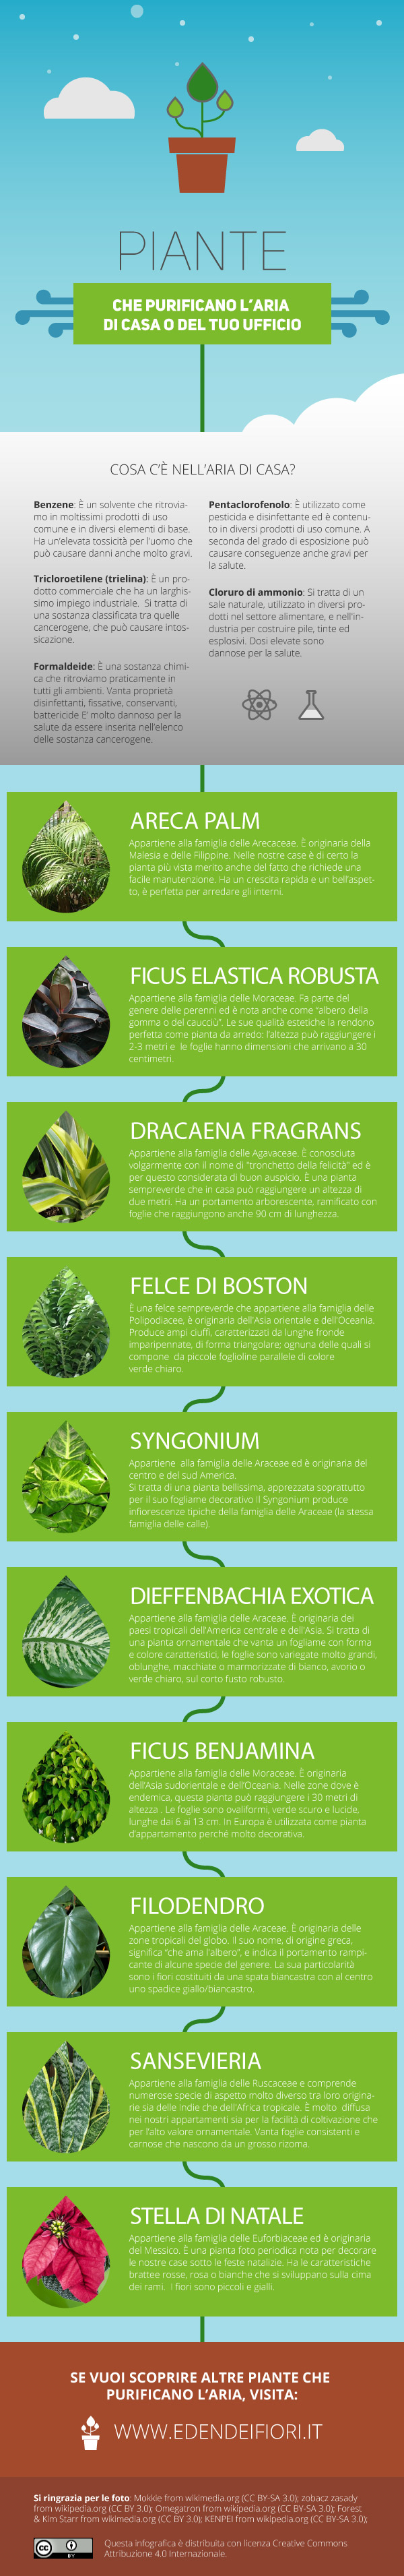 Immagini Di Piante E Alberi 50 piante che puliscono l'aria in casa o in ufficio, facili